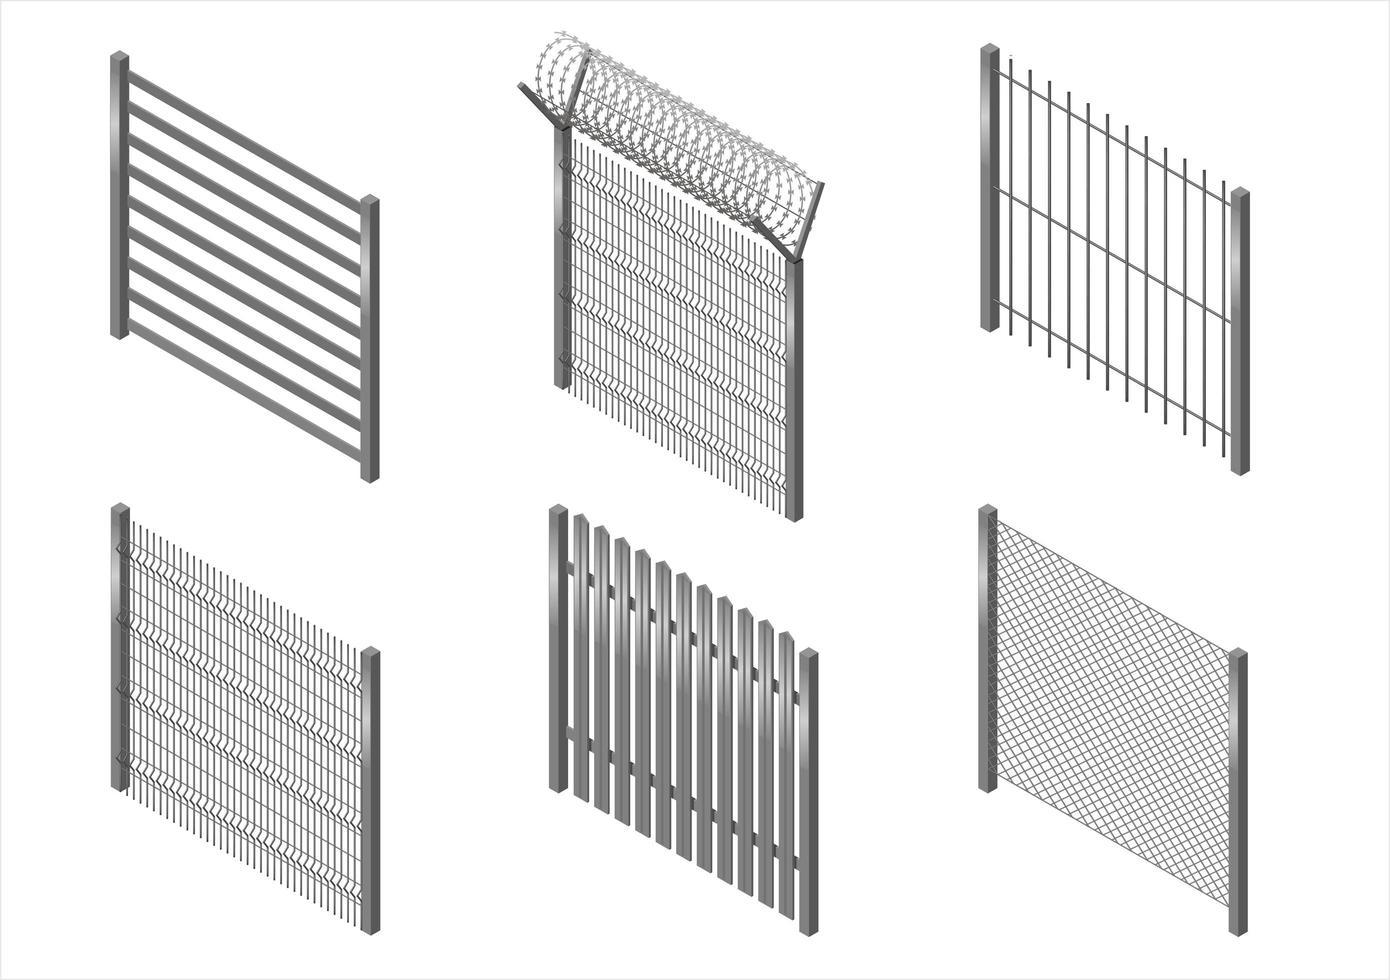 set van 6 metalen hekken vector